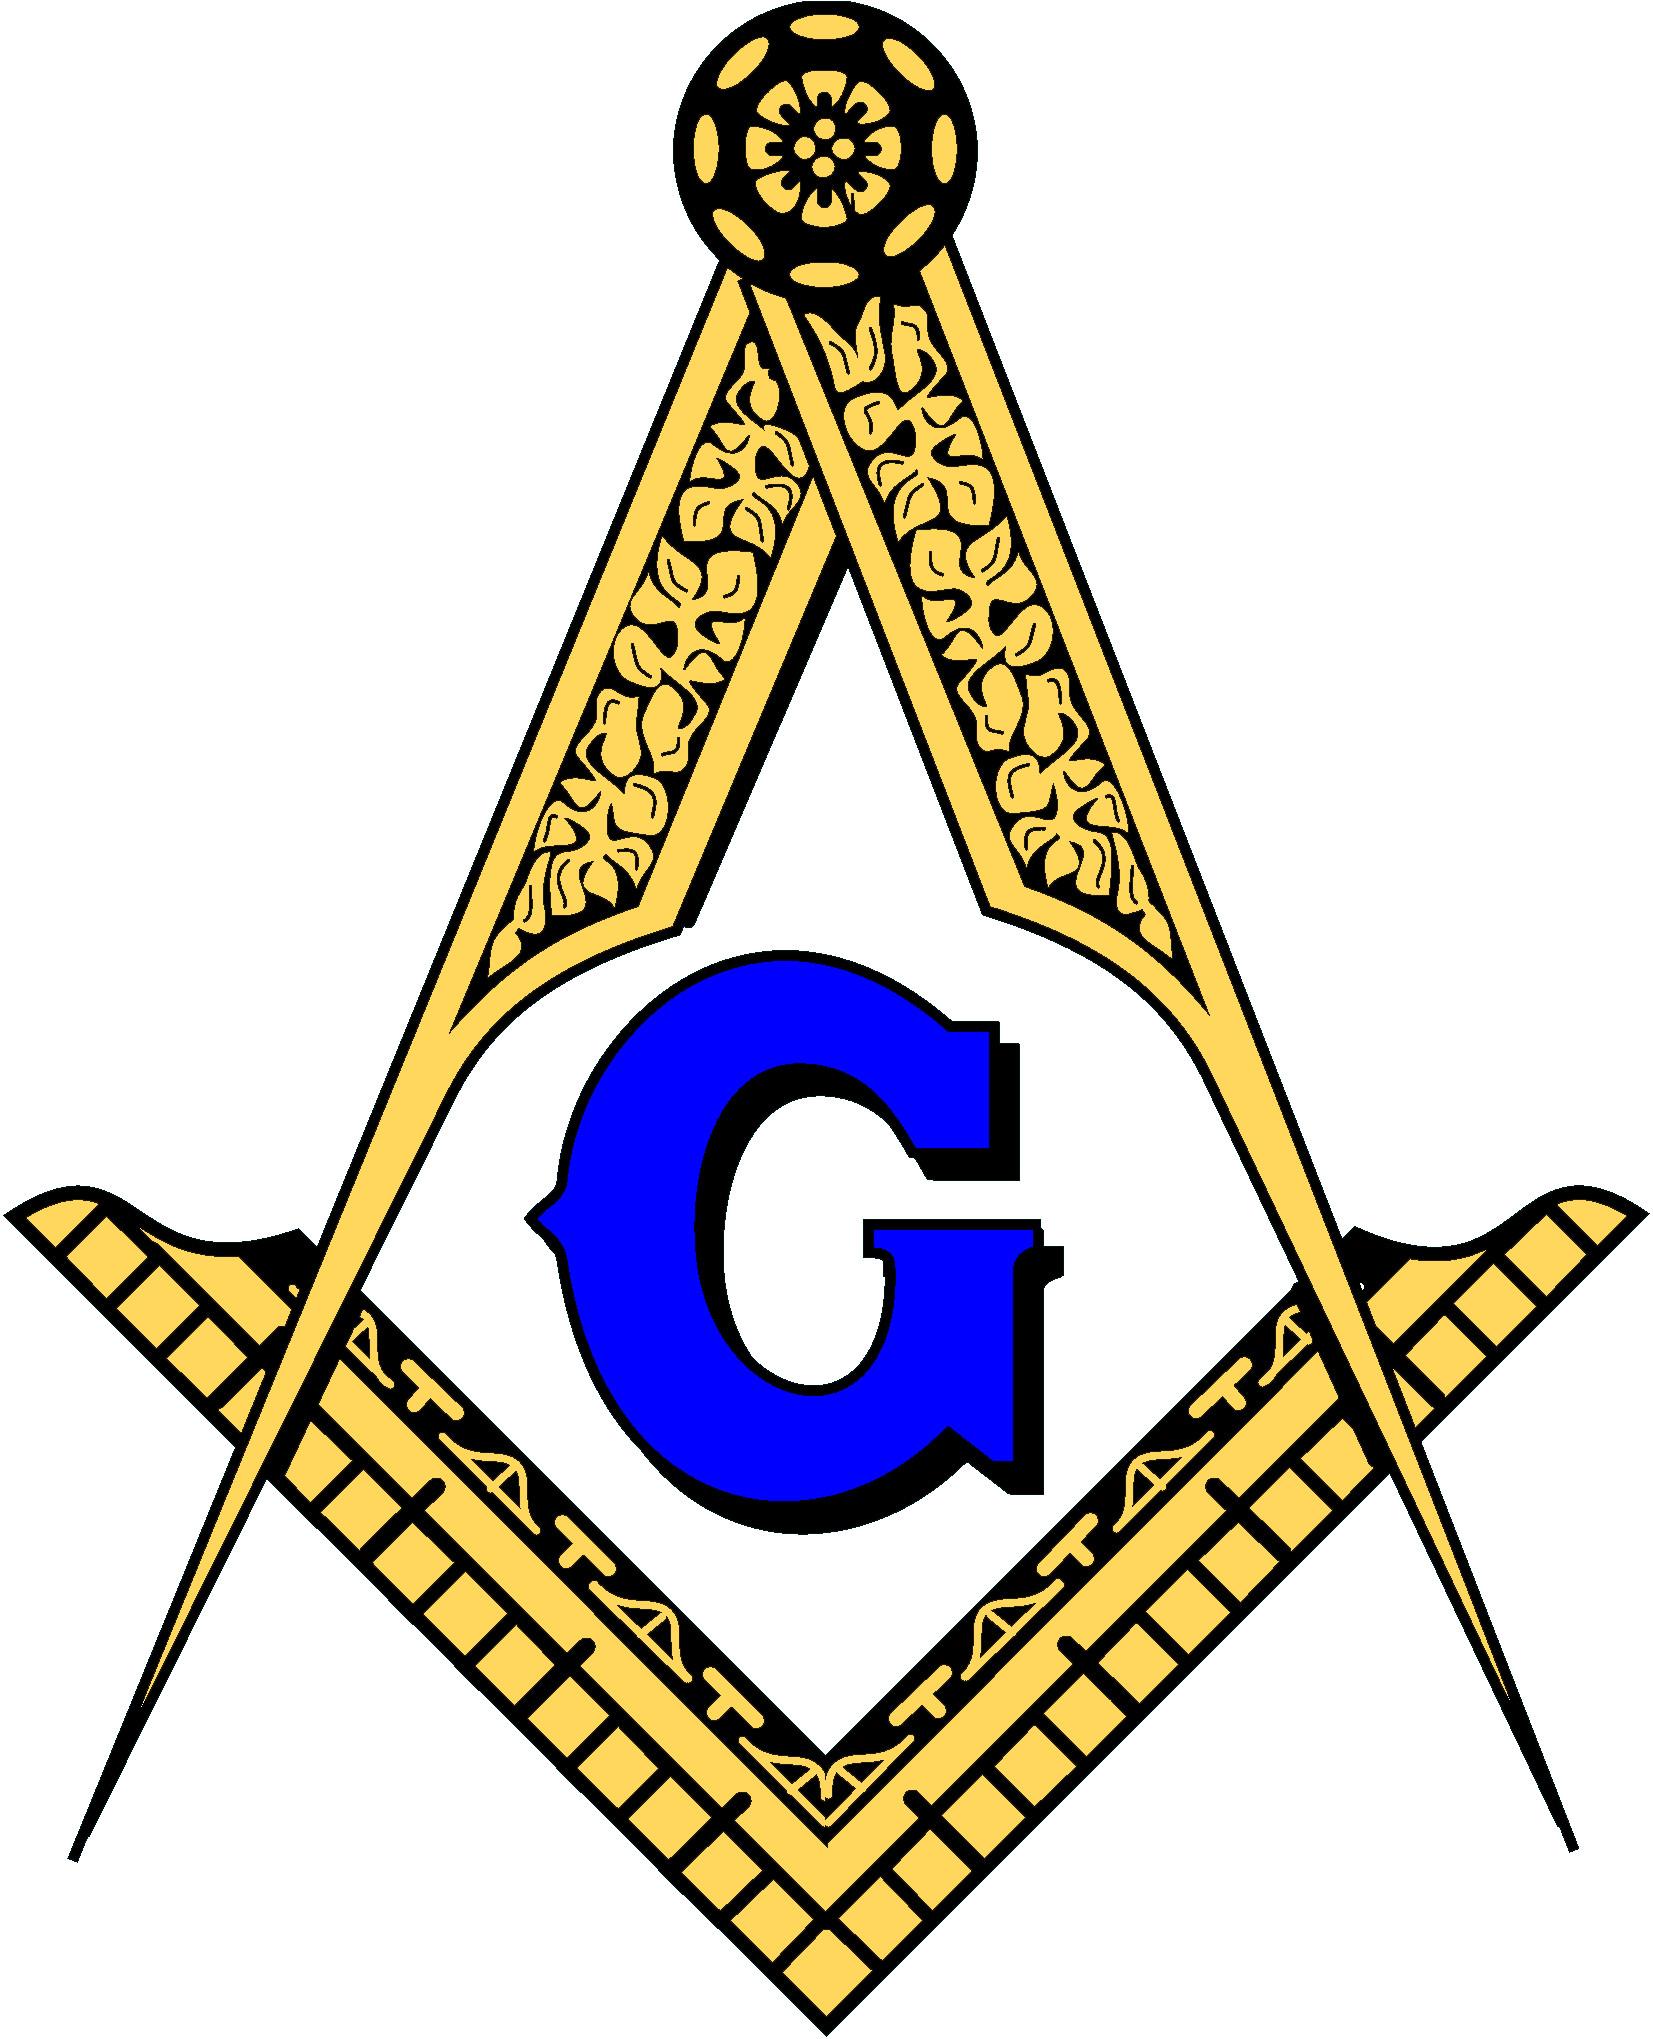 Mason Emblems and Logos Wallpaper (49+ images)